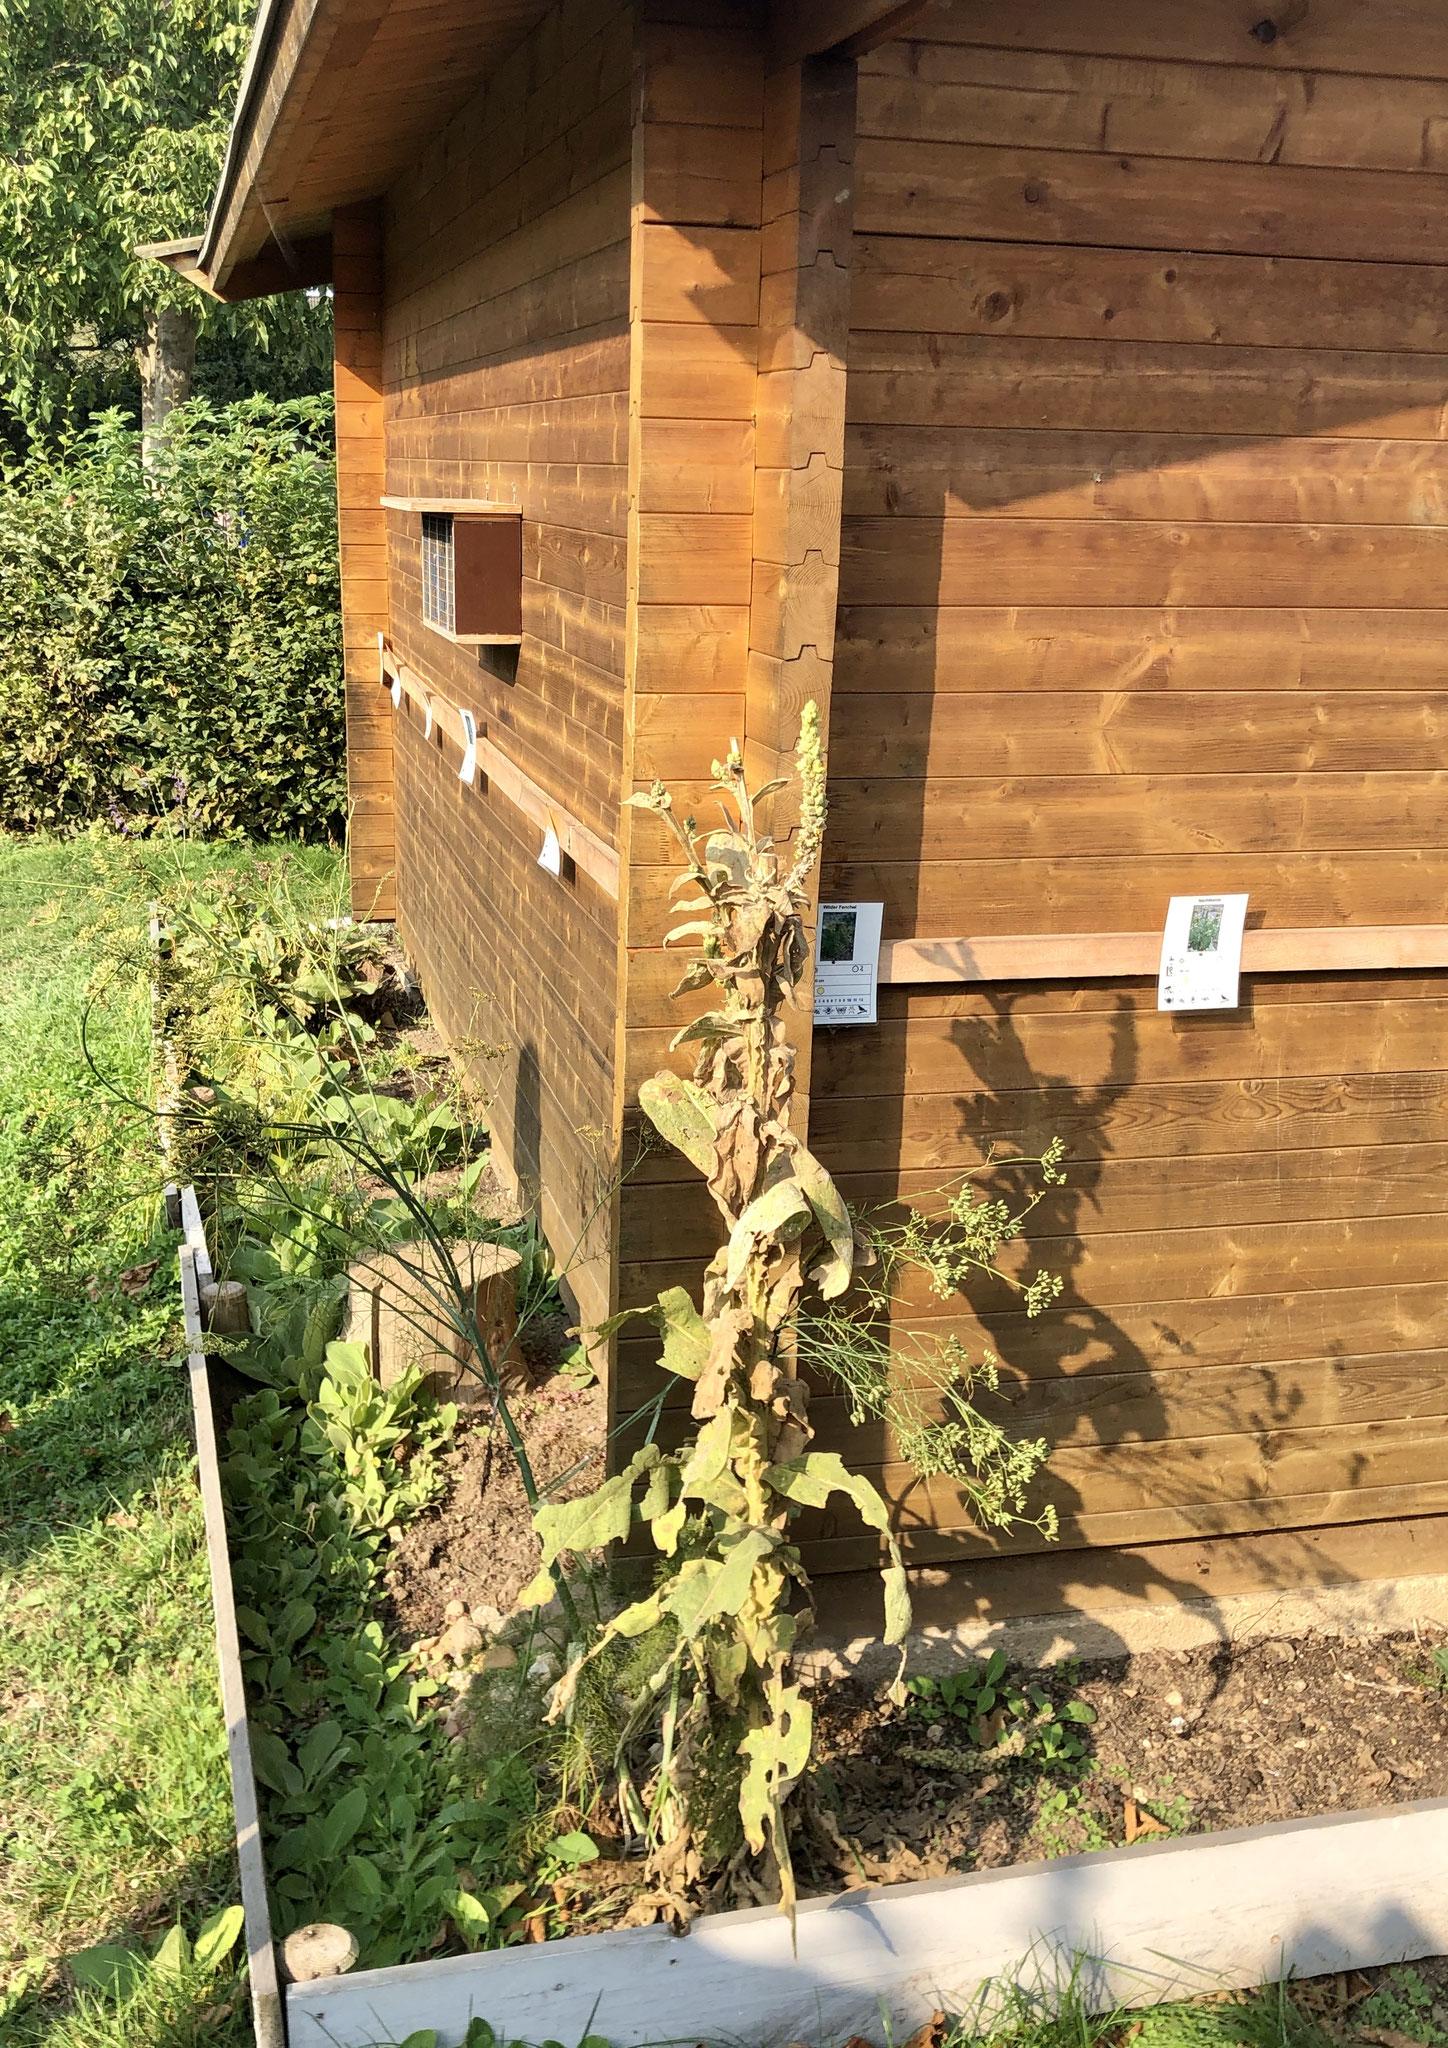 Grünstreifen mit Schmetterligspflanzen am Gartenhaus Quelle: NABU NRW